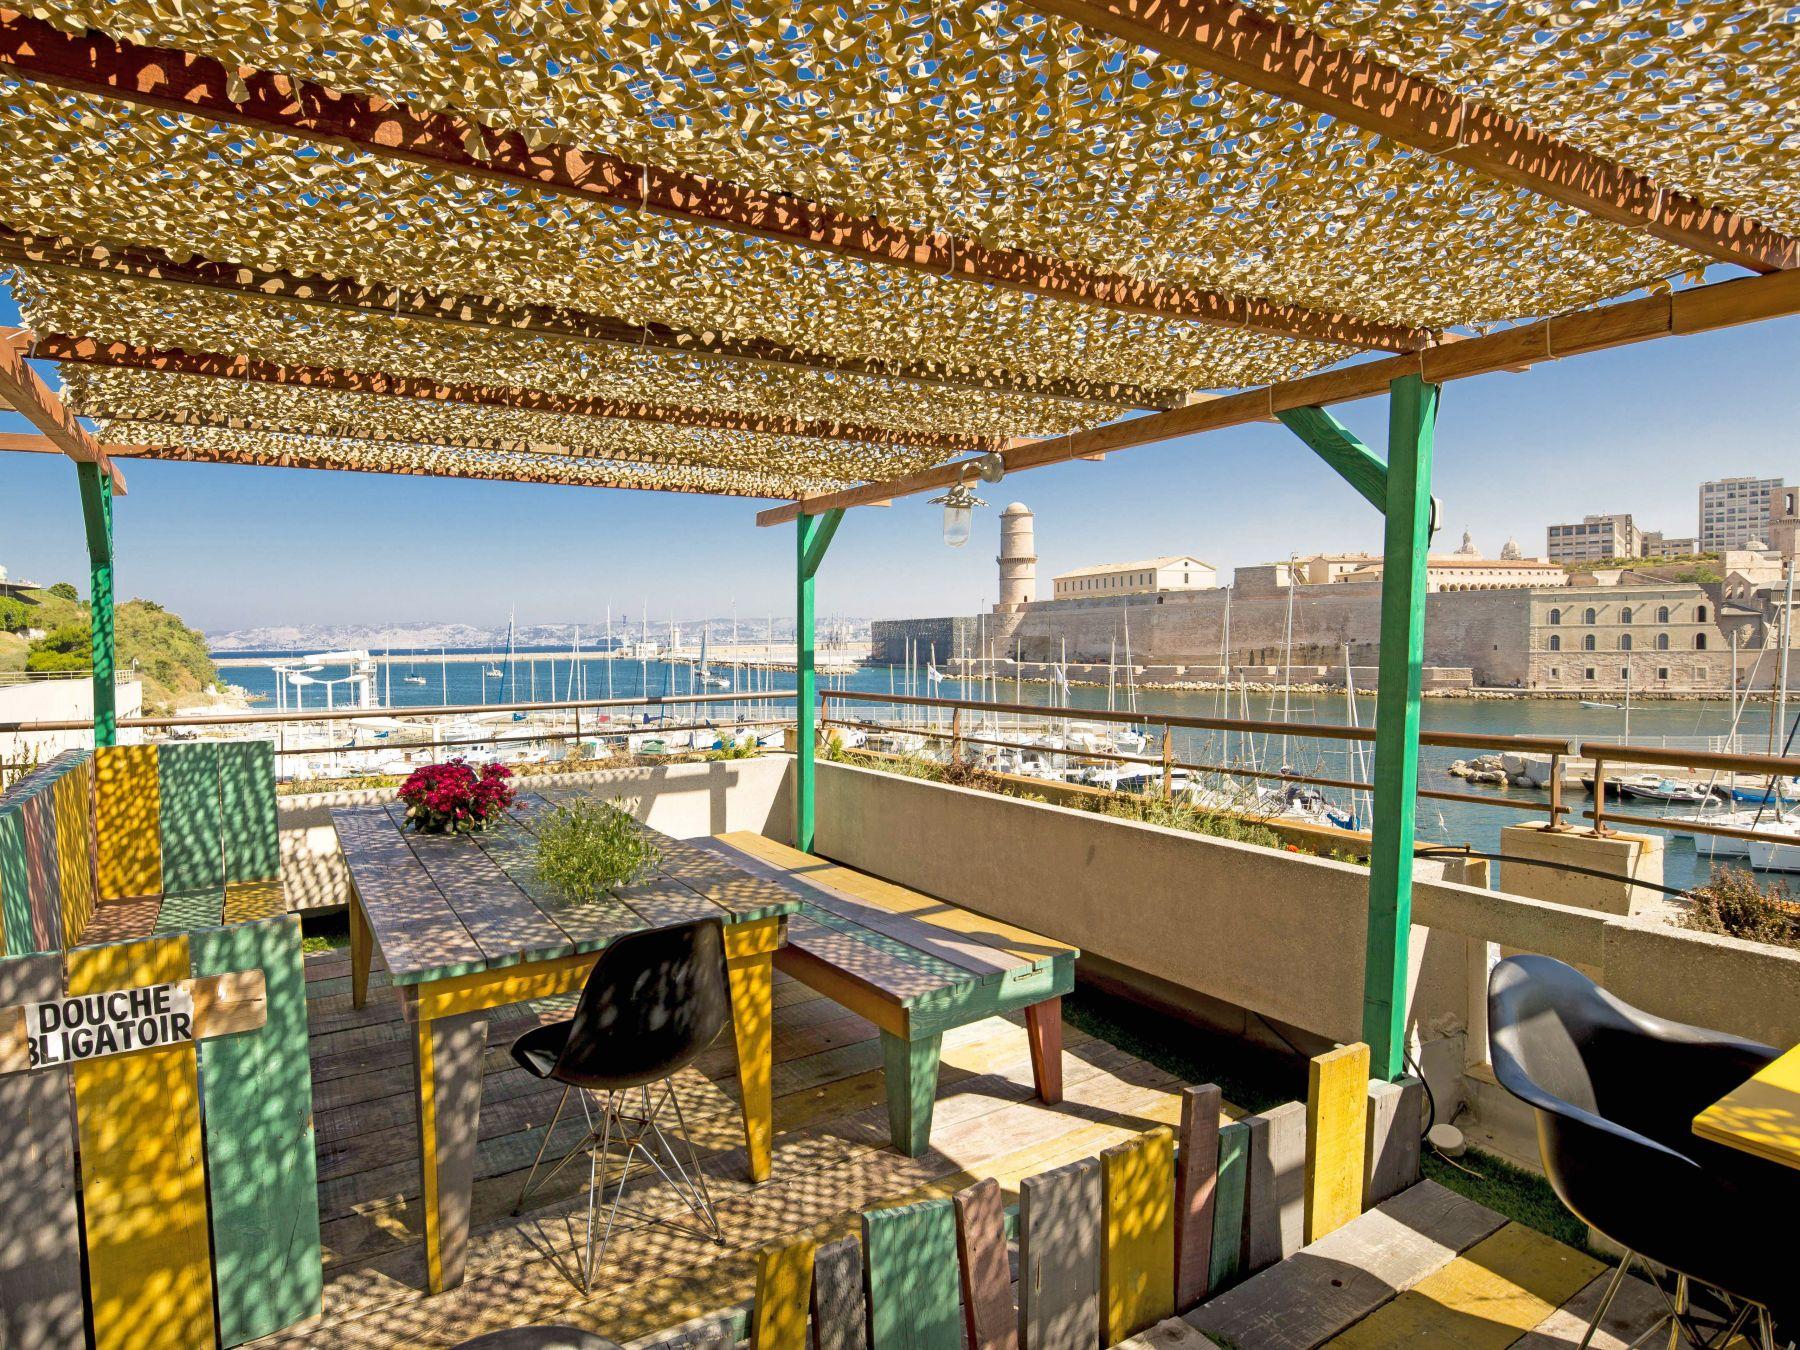 Rooftop vieux port de marseille le rowing club restaurants port et bord de mer marseille - Restaurant libanais marseille vieux port ...